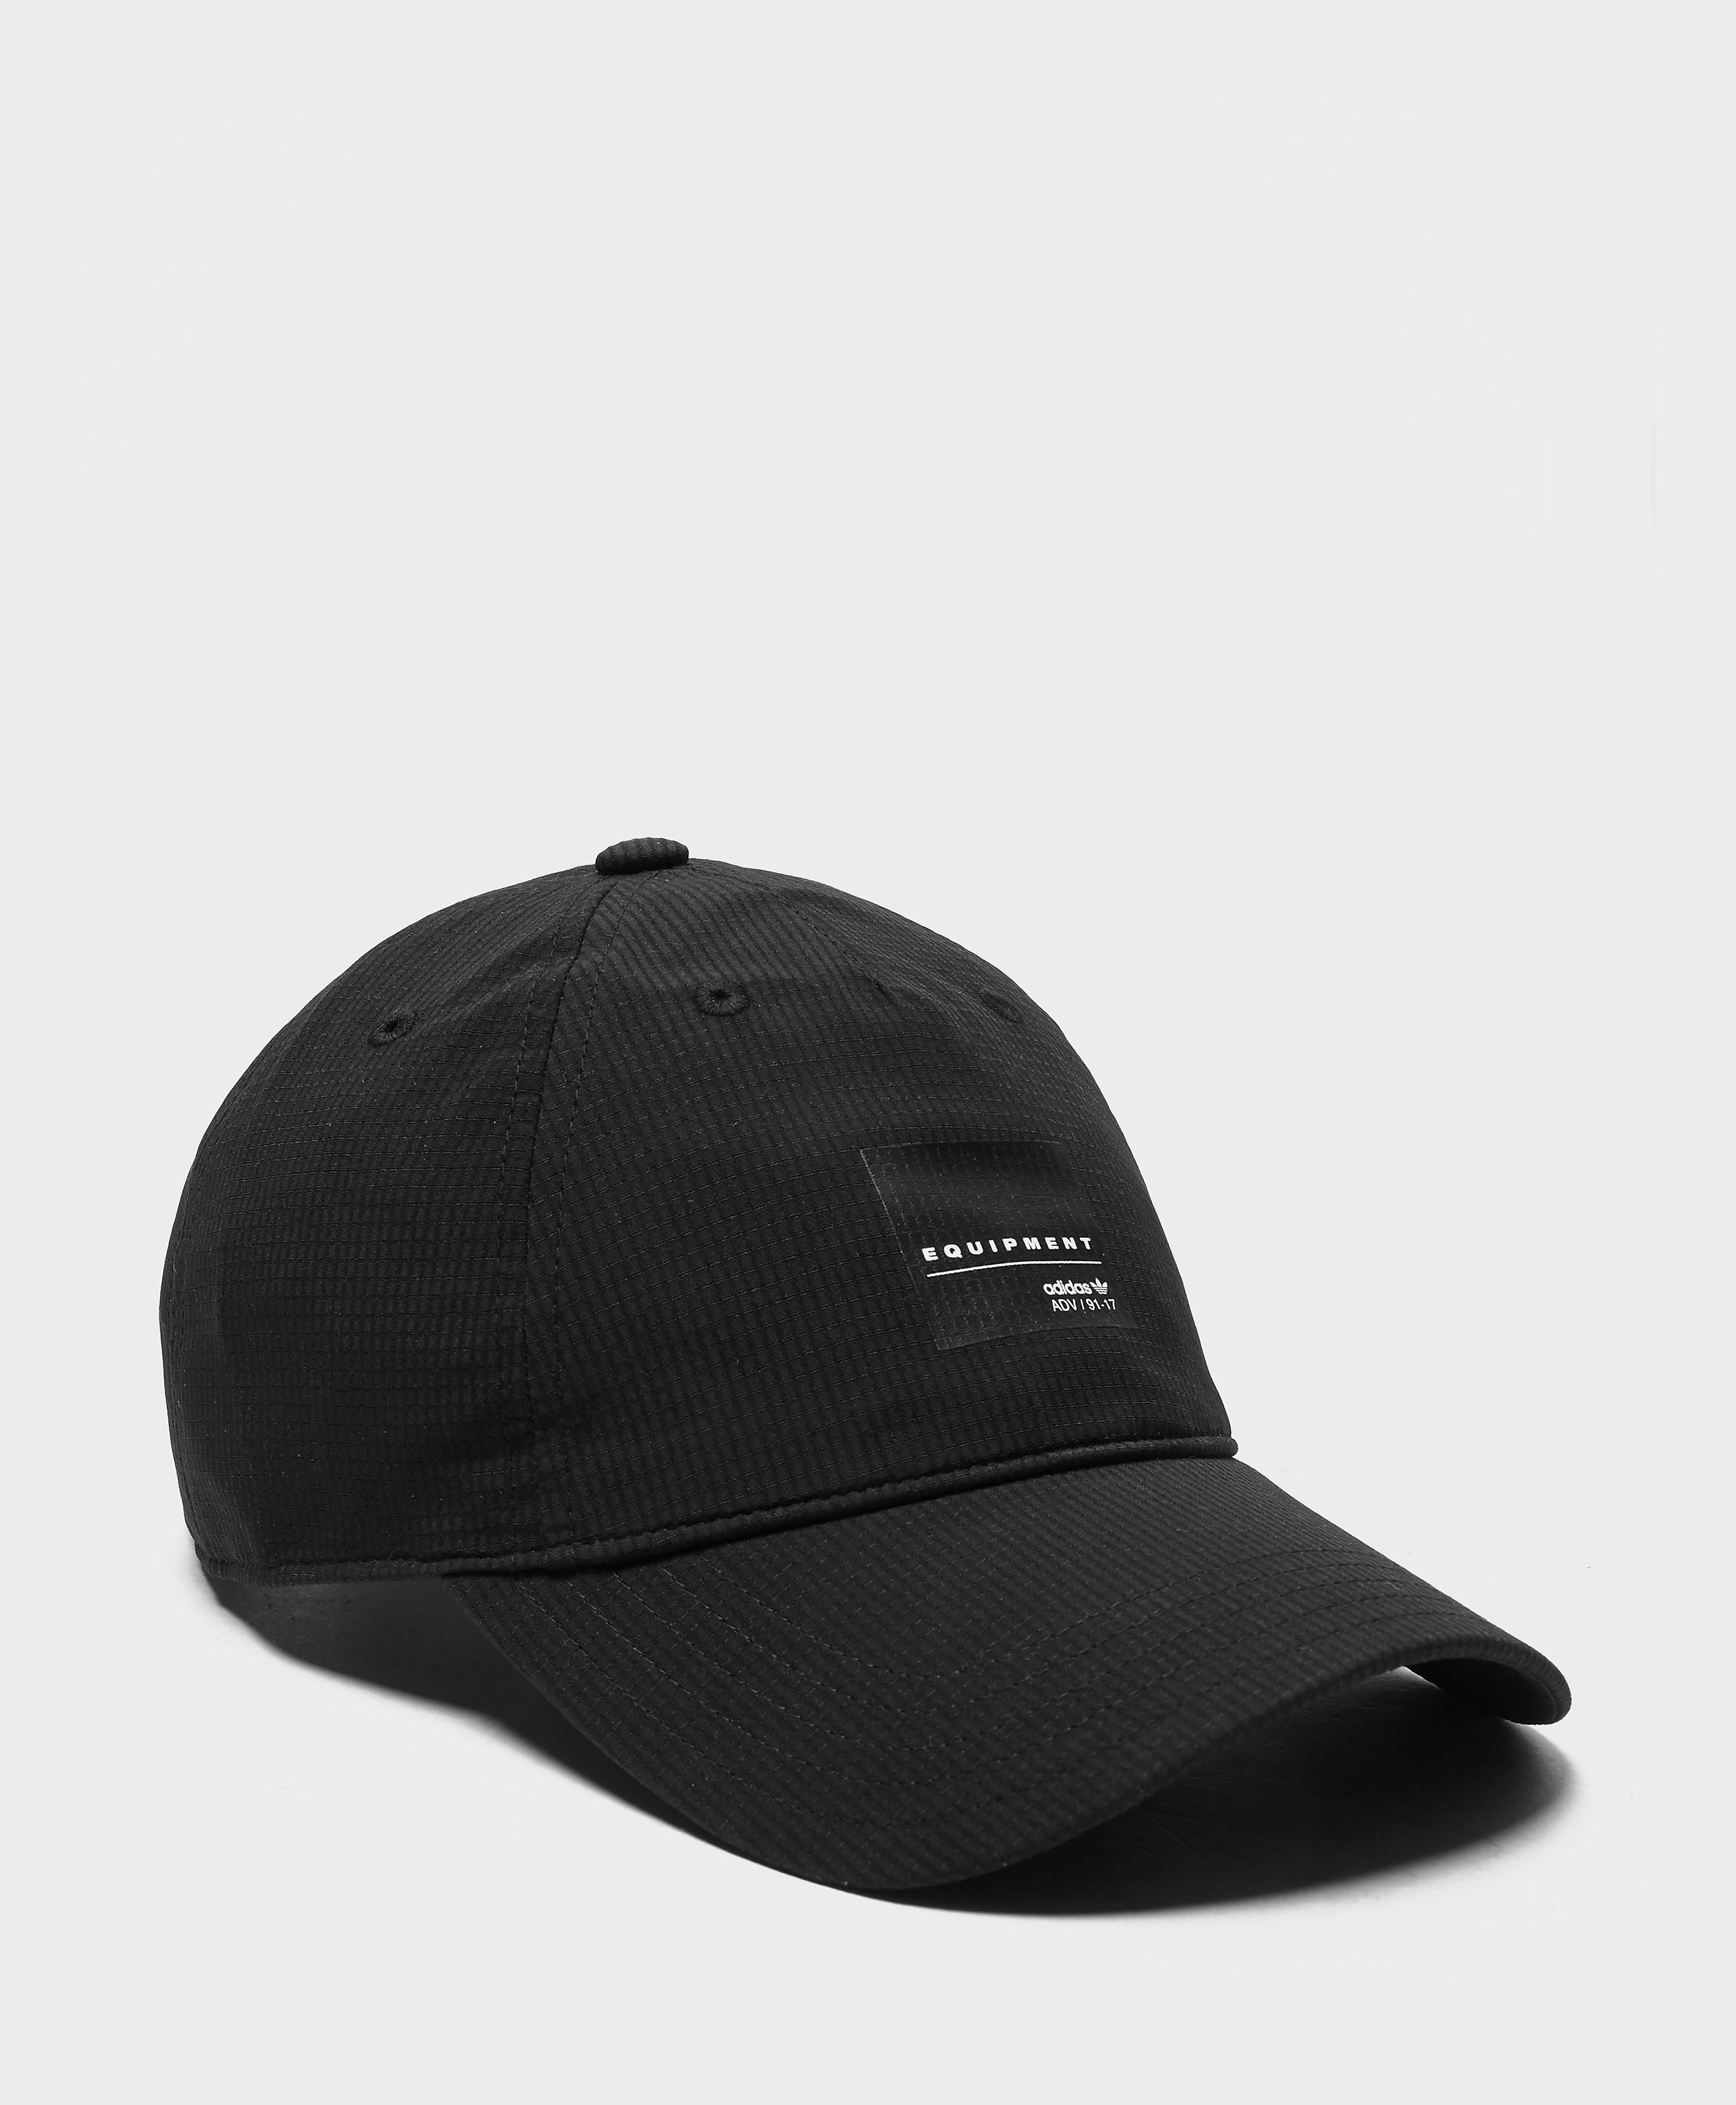 adidas Originals EQT Strapback Cap